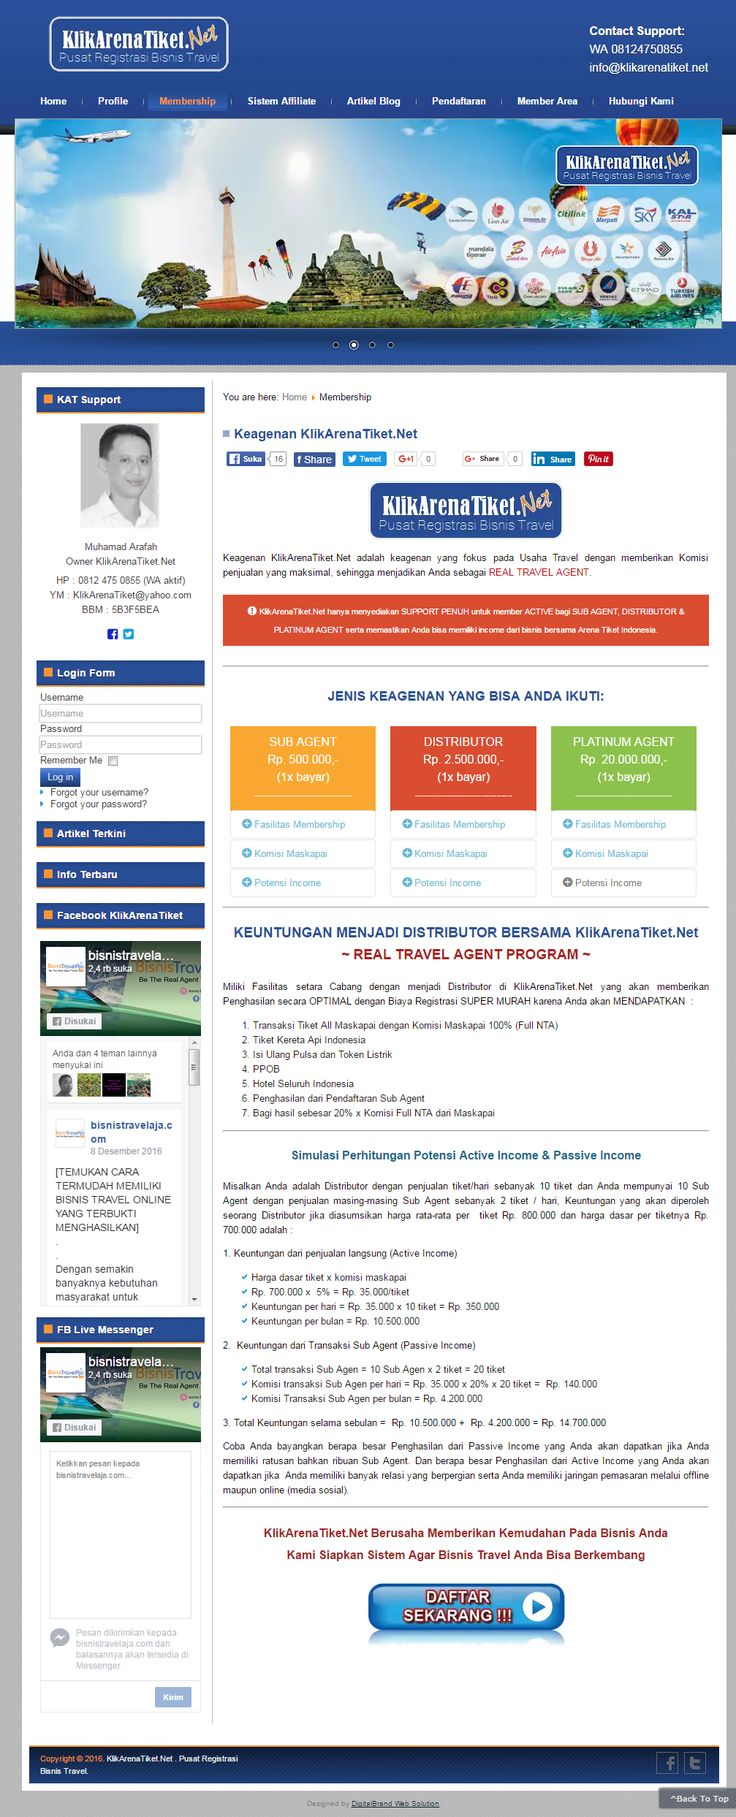 Klik Arena Tiket. Website bisnis dengan desain simple elegan. Website B2B (Business to Business) memberikan kemudahan bagi bisnis tour travel untuk melengkapi bisnisnya dengan bisnis tiket online.